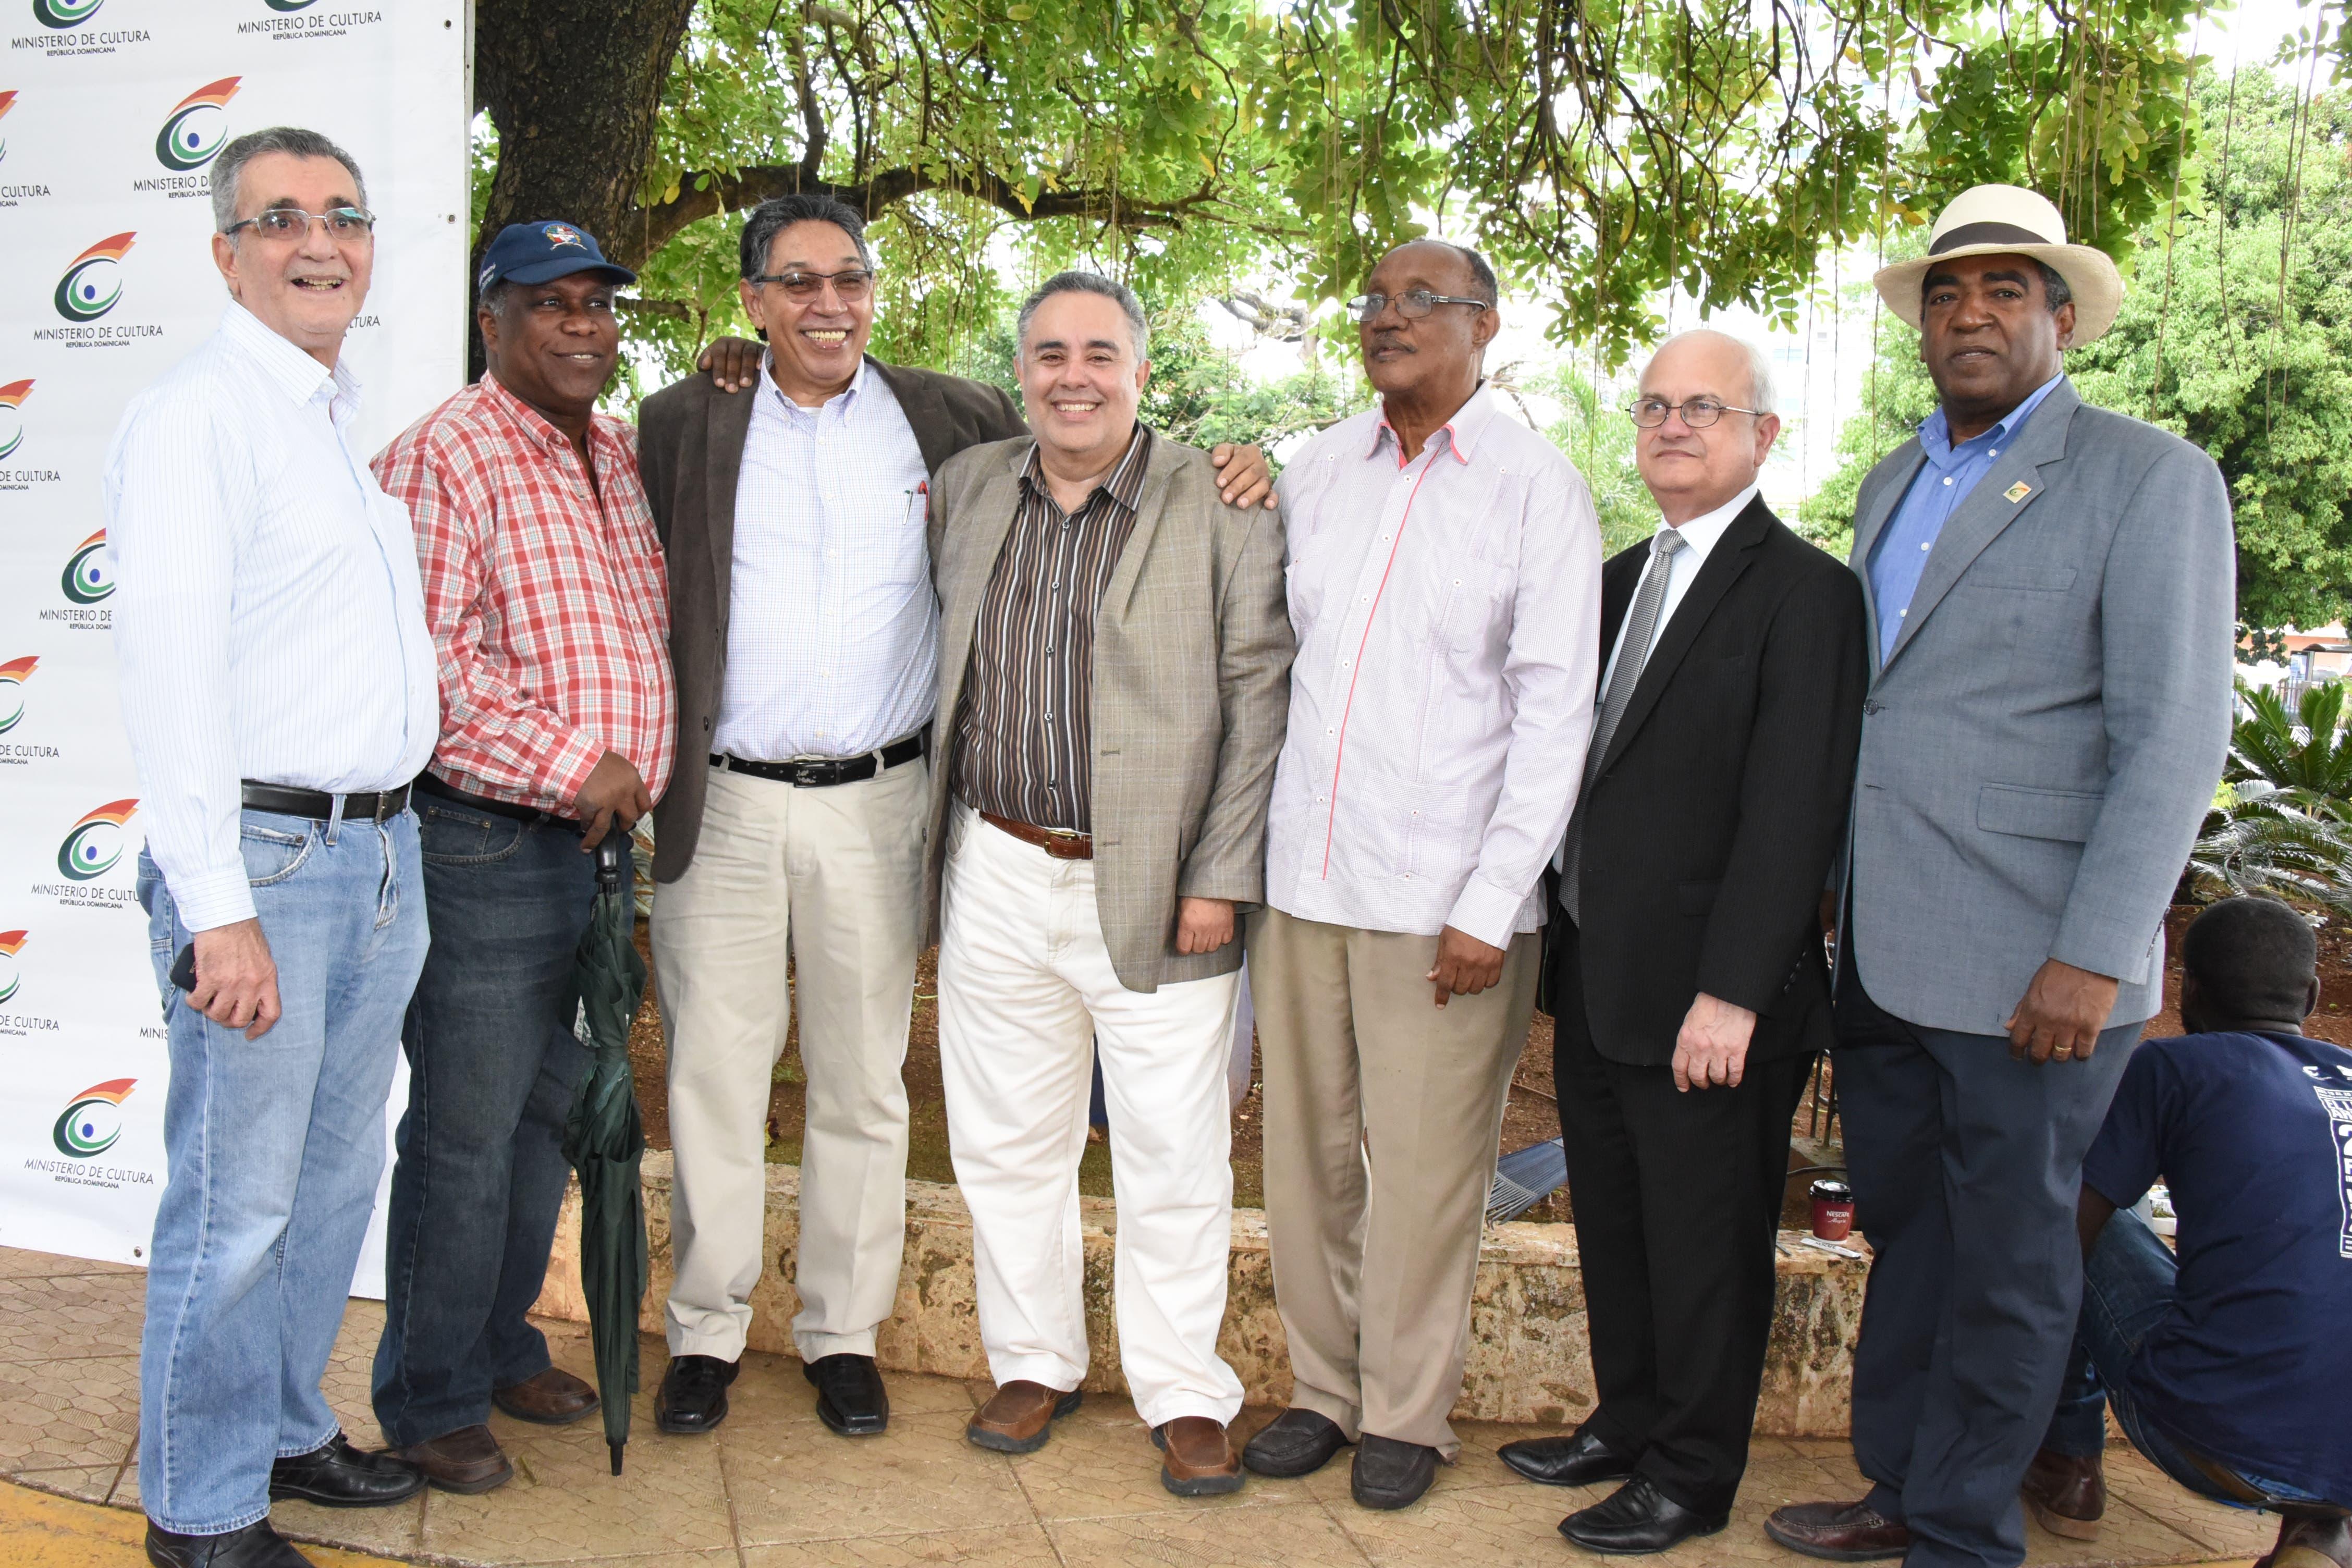 Aquiles Julián junto a familiares, amigos, escritores y allegados.